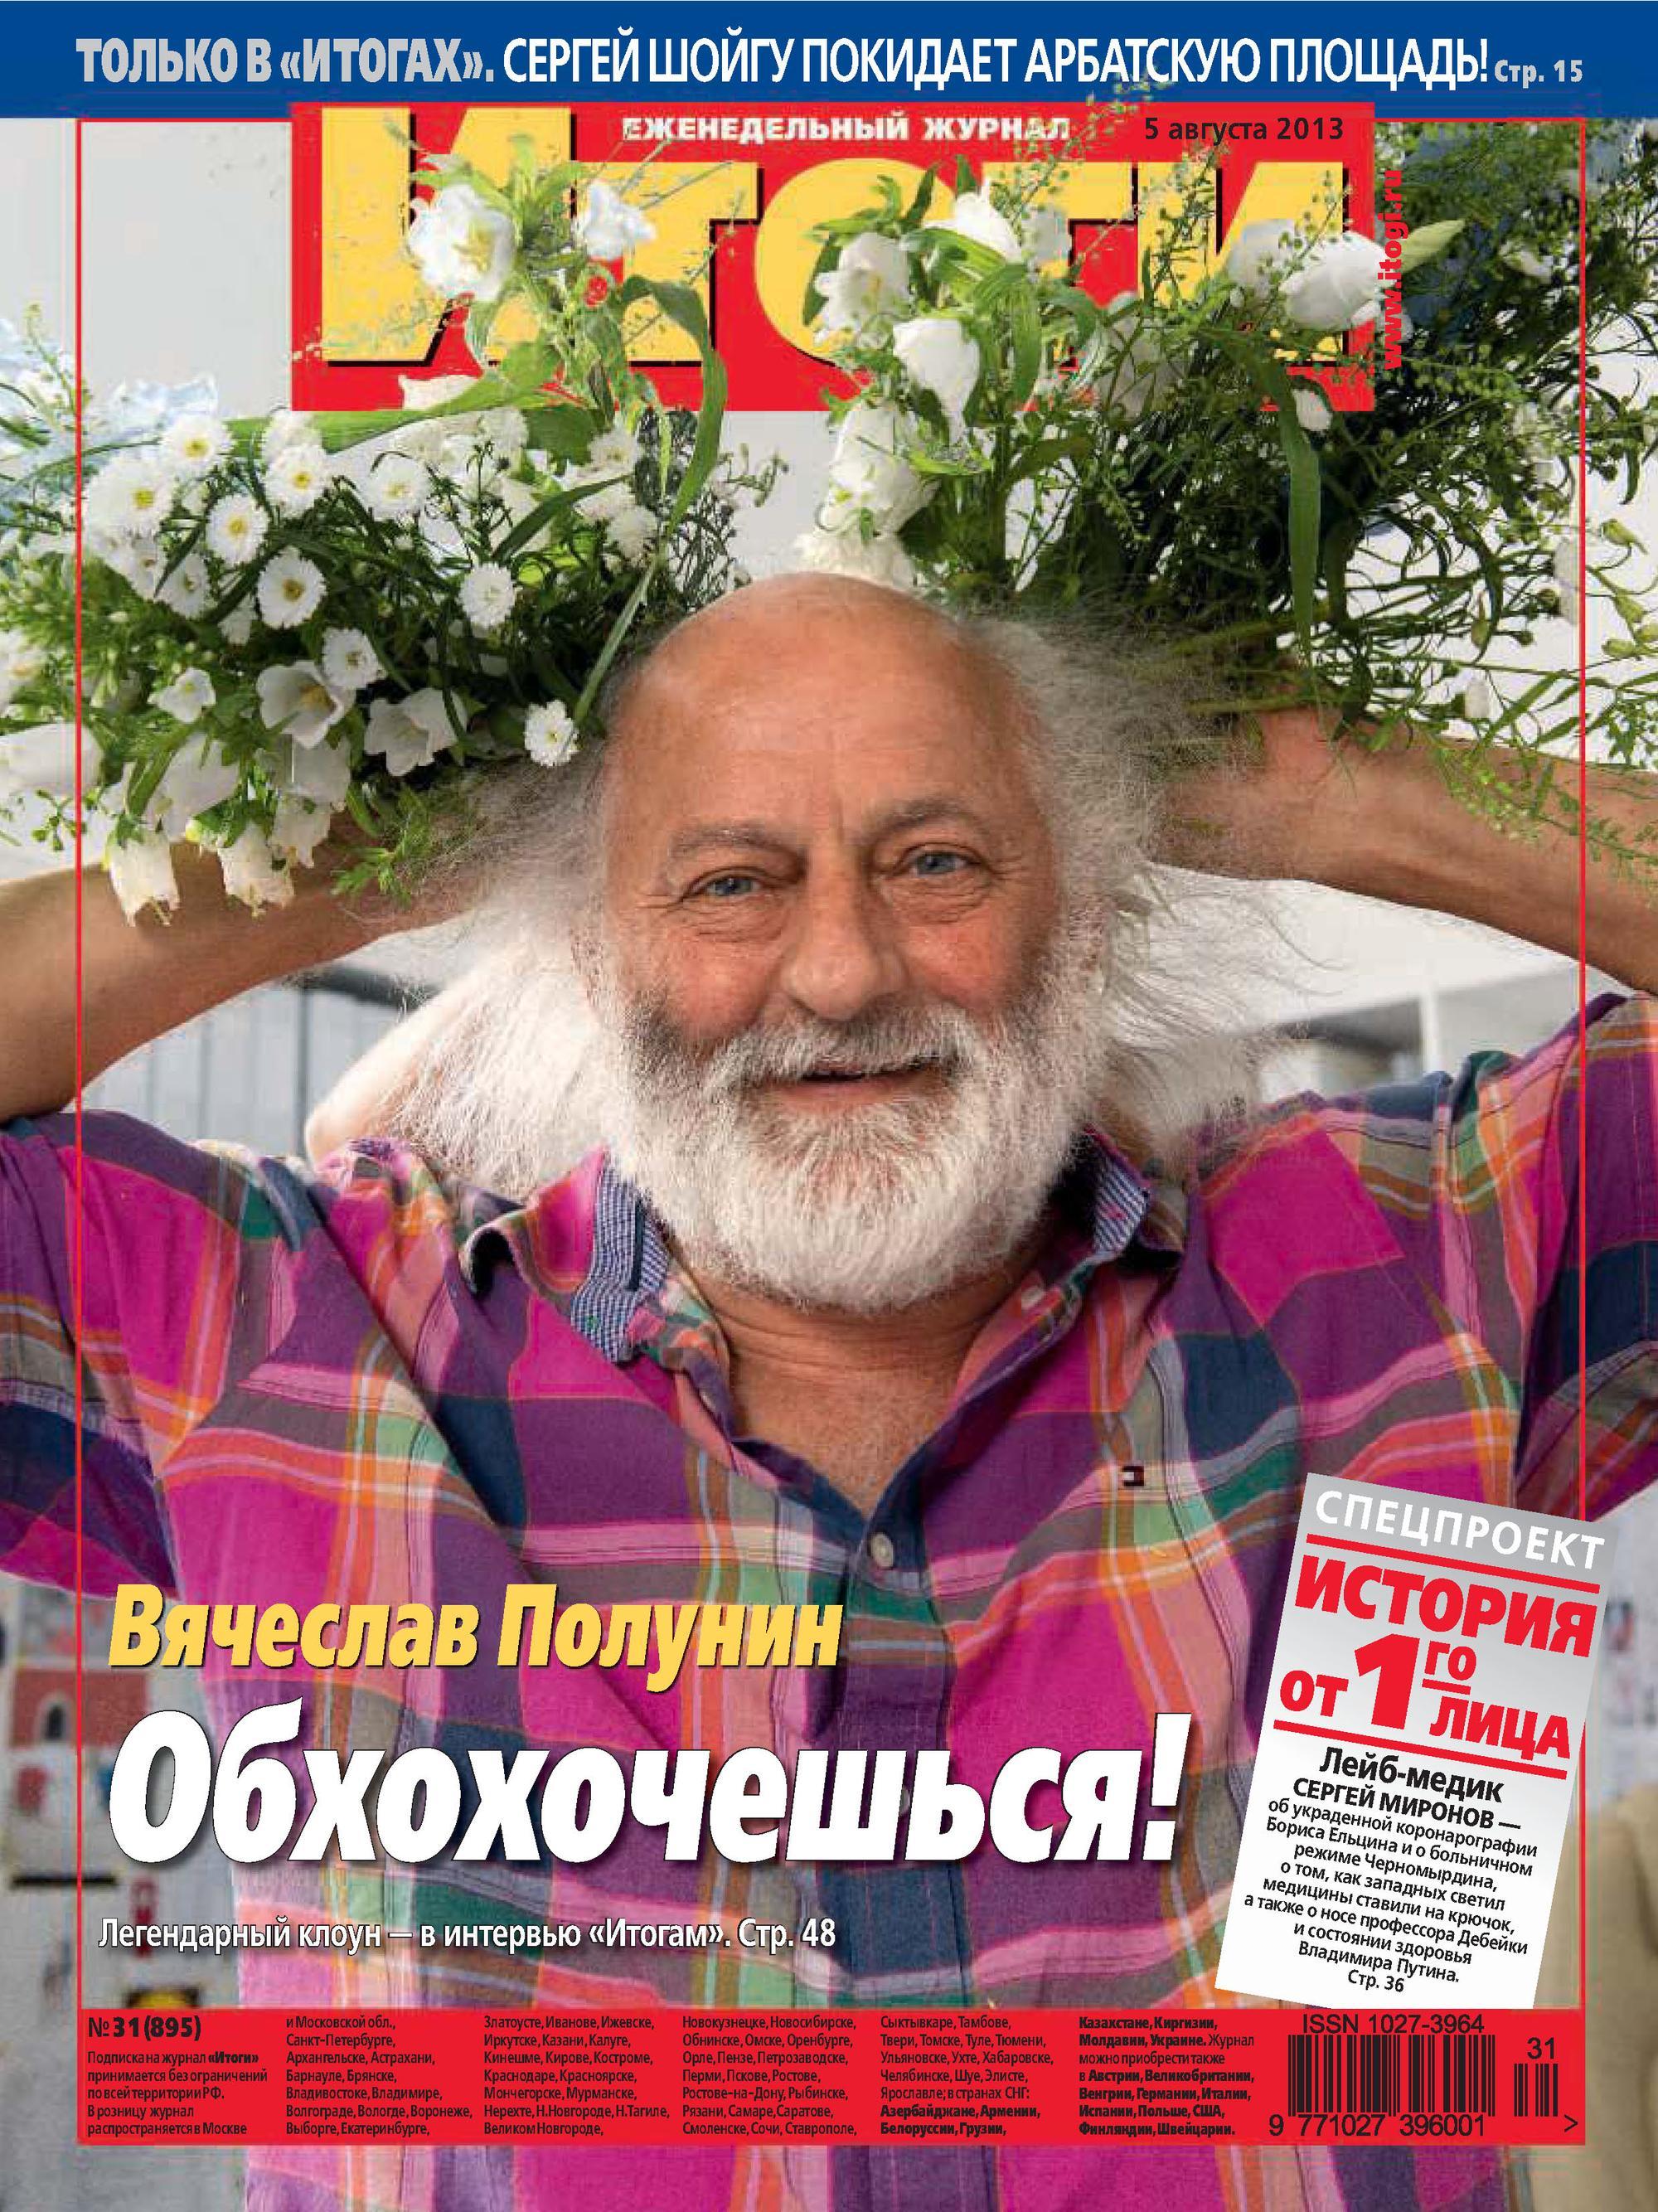 Отсутствует Журнал «Итоги» №31 (895) 2013